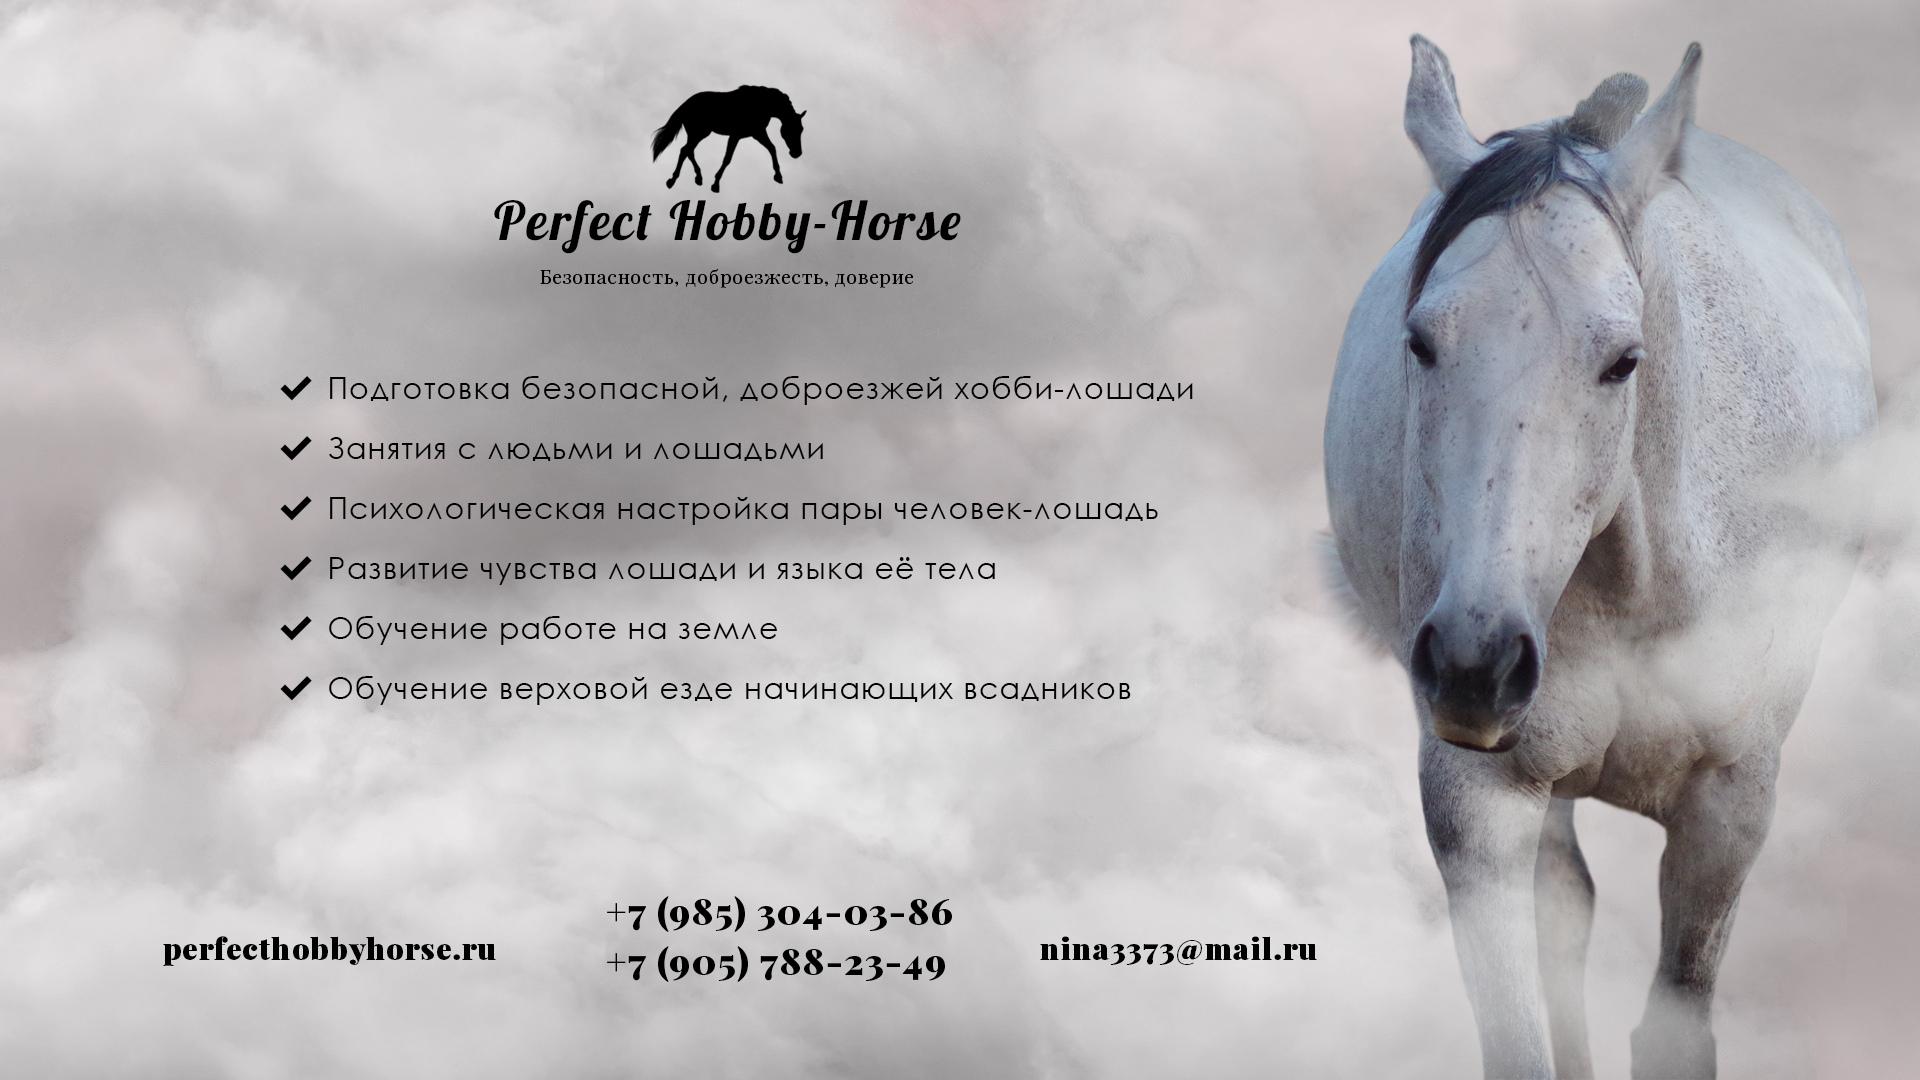 Психология: стих о лошади - бесплатные статьи по психологии в доме солнца